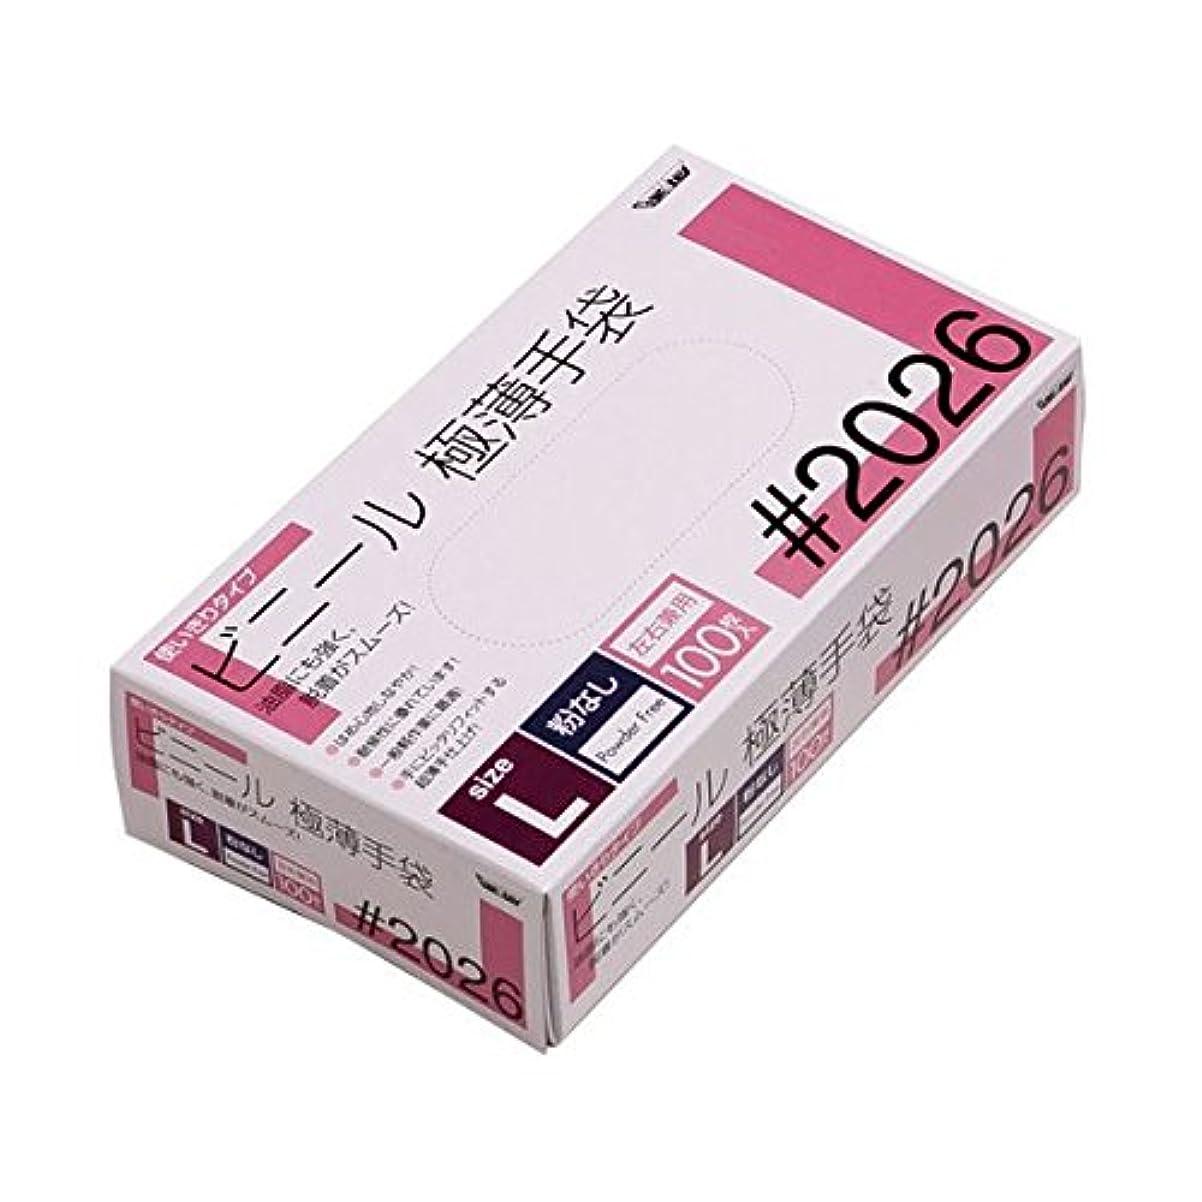 いいね失望著者川西工業 ビニール極薄手袋 粉なし L 20箱 ds-1915778